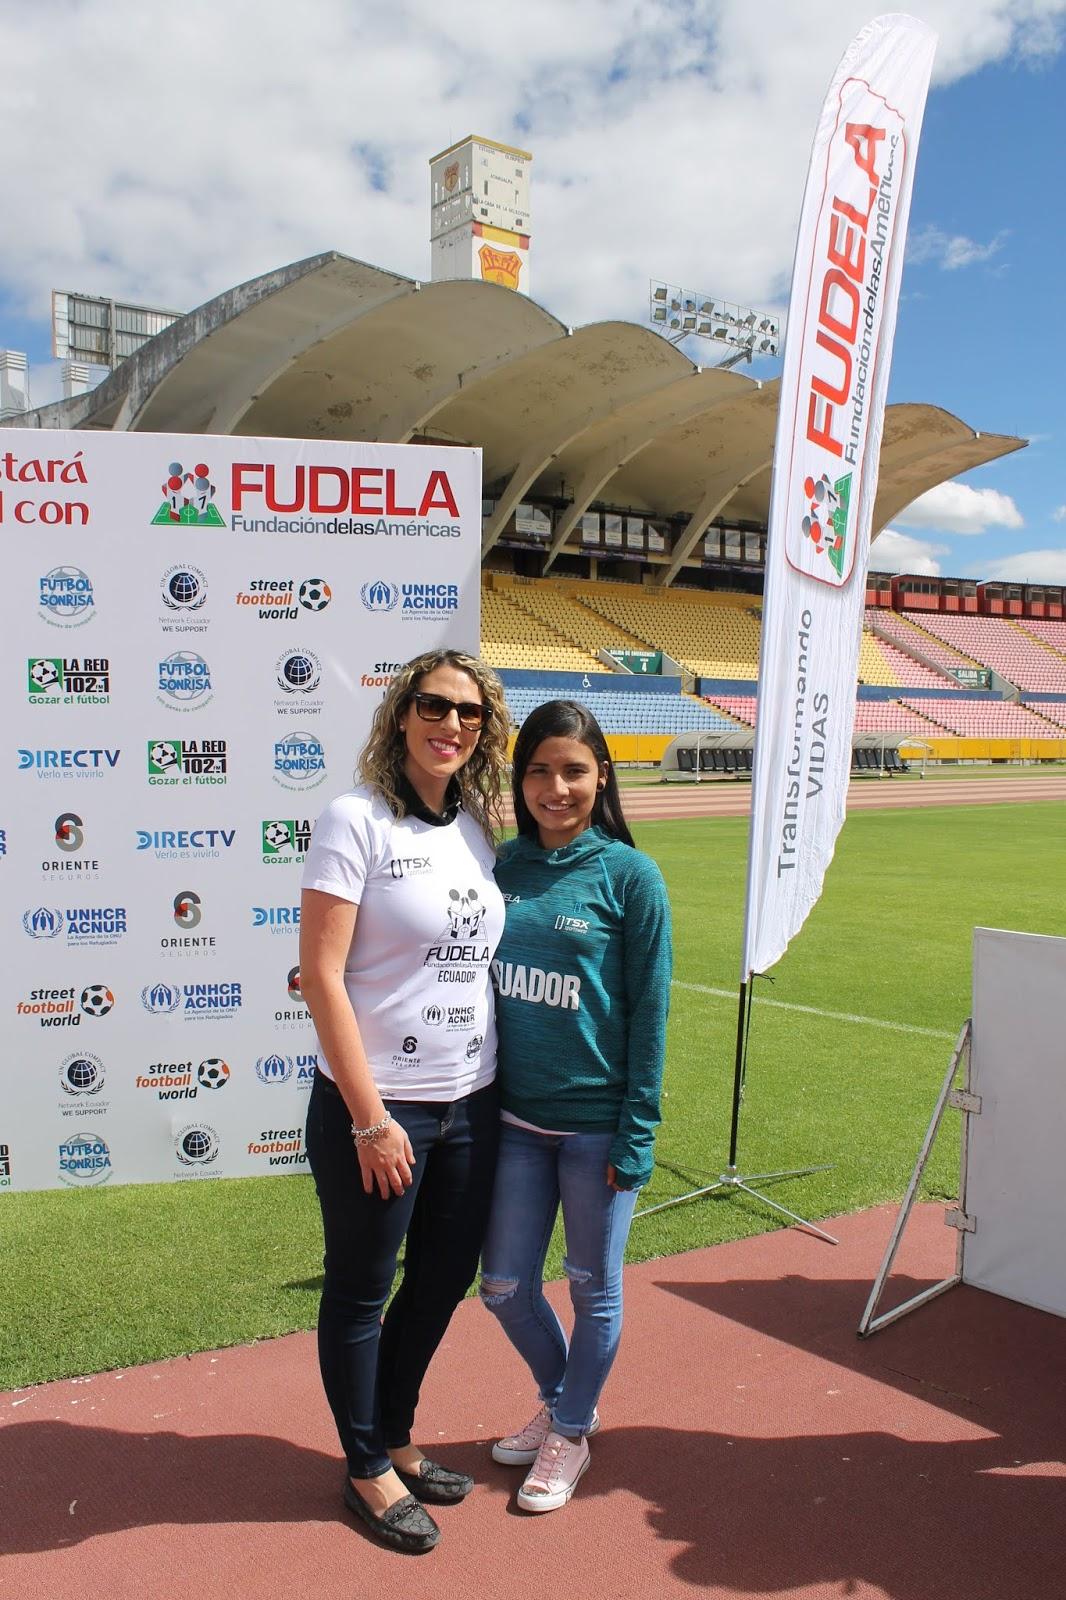 Directv auspició a delegación de jóvenes que representa a Ecuador en el Festival Fifa Foundation